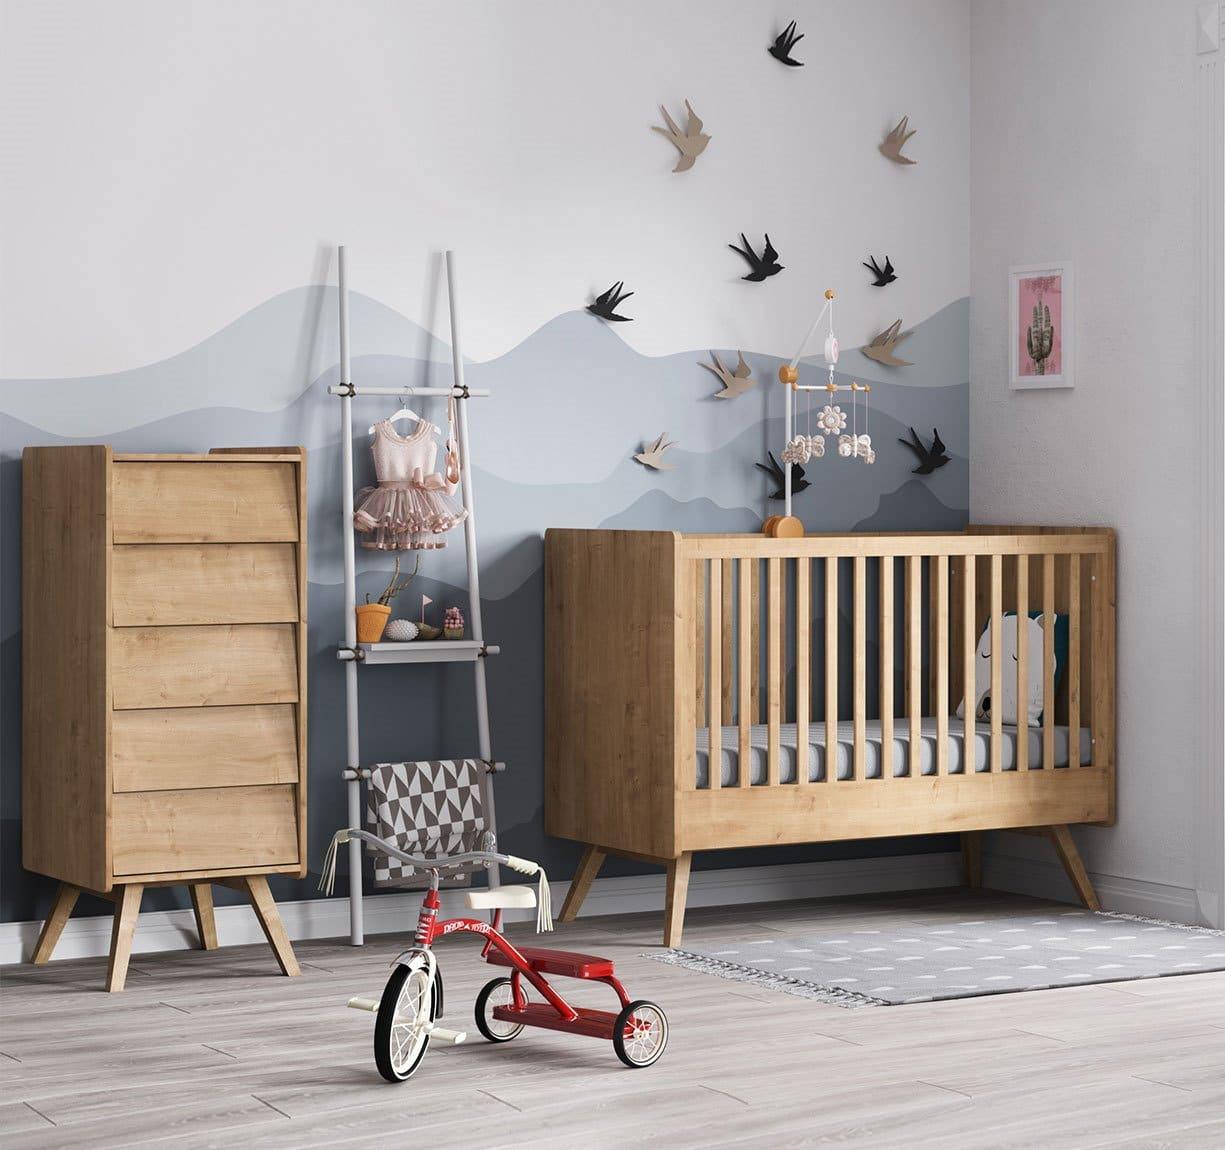 BABY VOX Vintage Bois Naturel - 3 meubles - lit 140x70, commode, chiffonnier